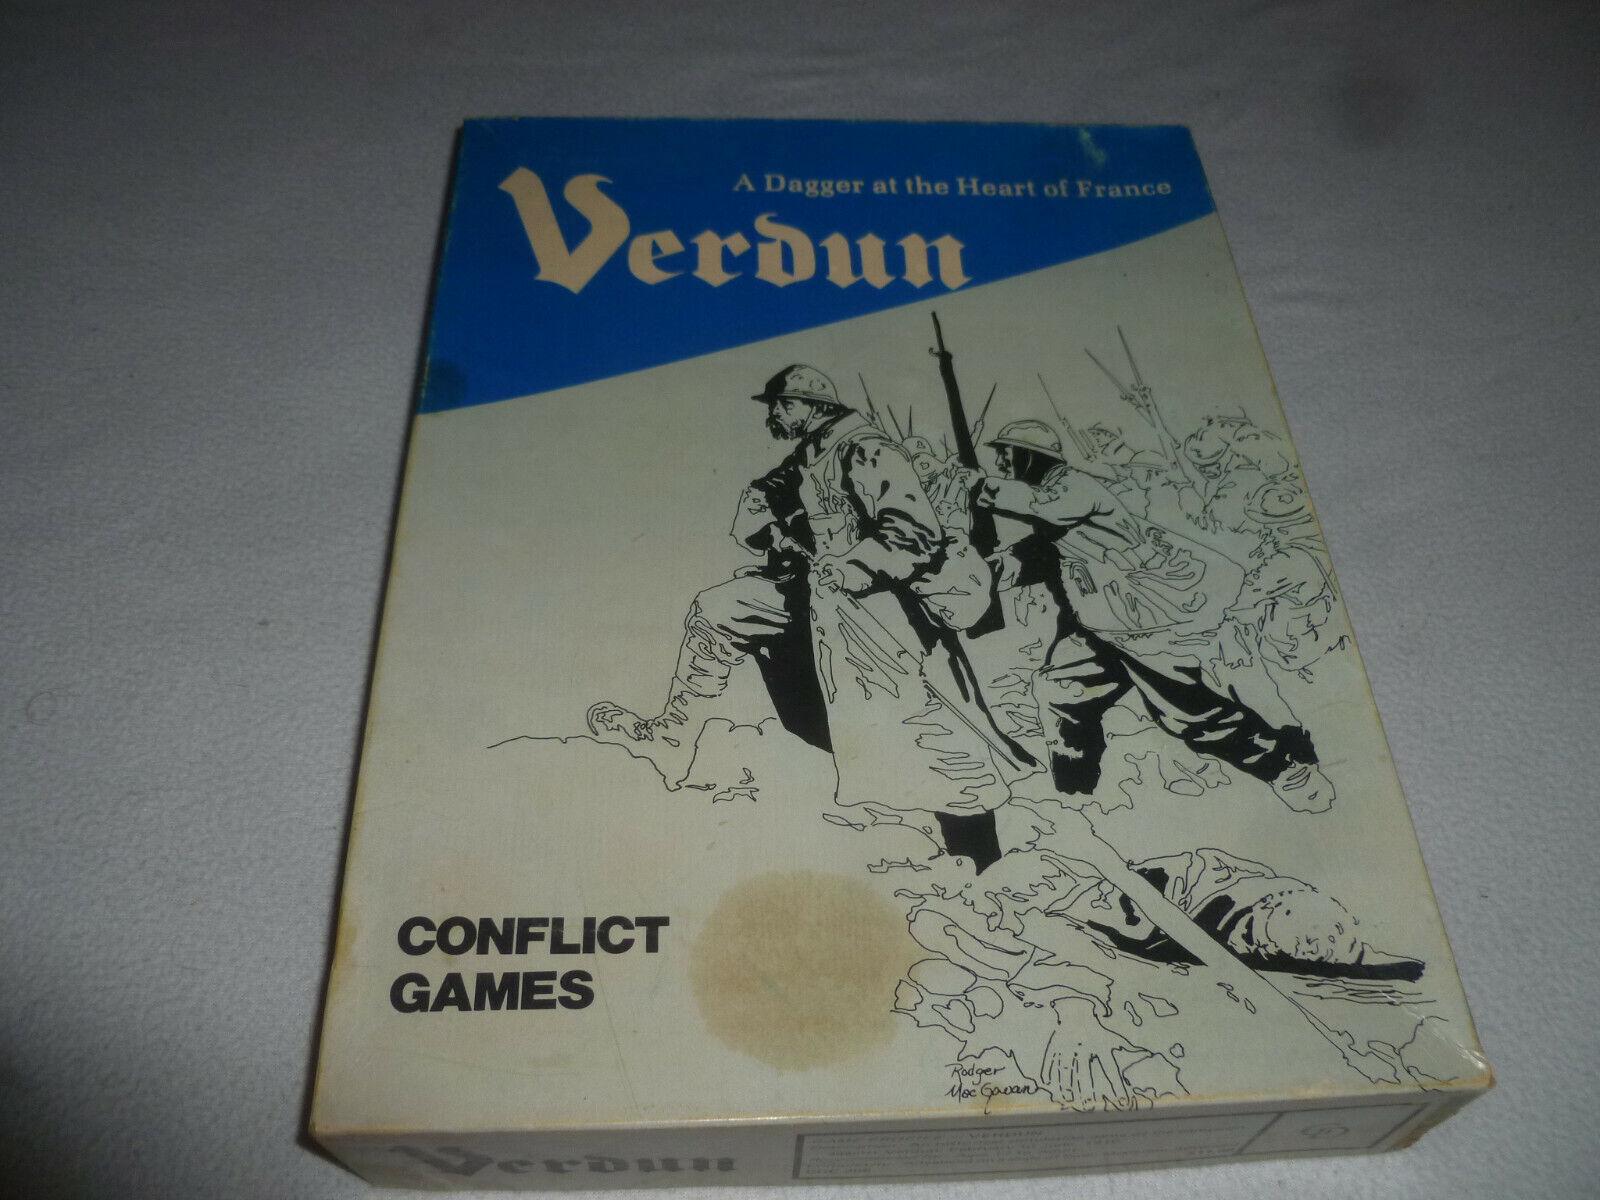 Juego De Mesa Verdun conflicto Juegos Vintage hizo un puñal en el corazón de Francia